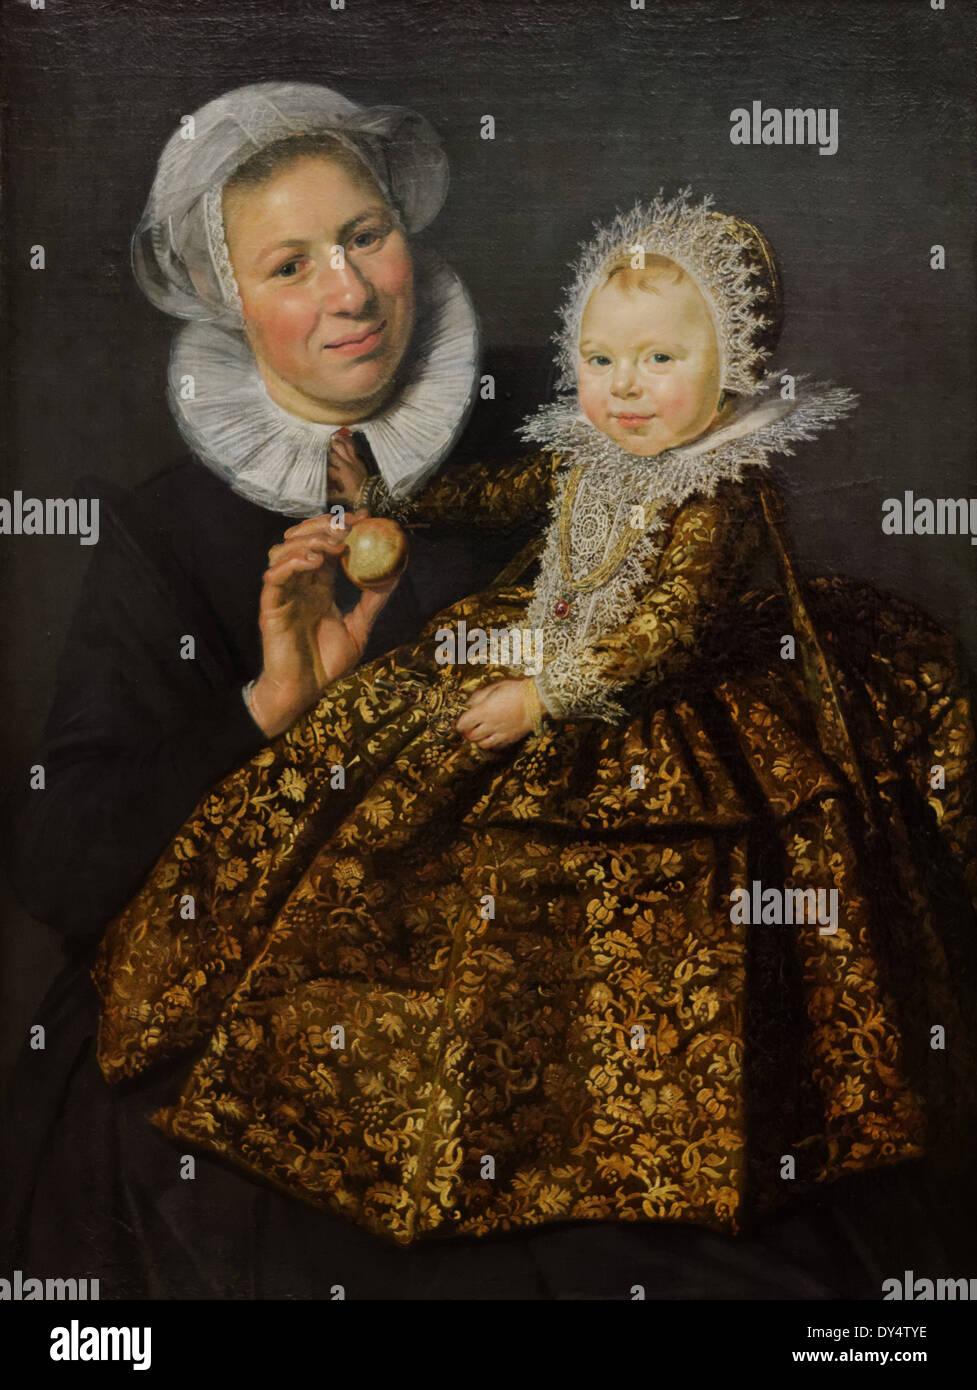 Frans Hals - Catharina Hooft mit ihrer Krankenschwester - 1620 - XVII th Jahrhundert - flämischen Schule - Gemäldegalerie - Berlin Stockbild